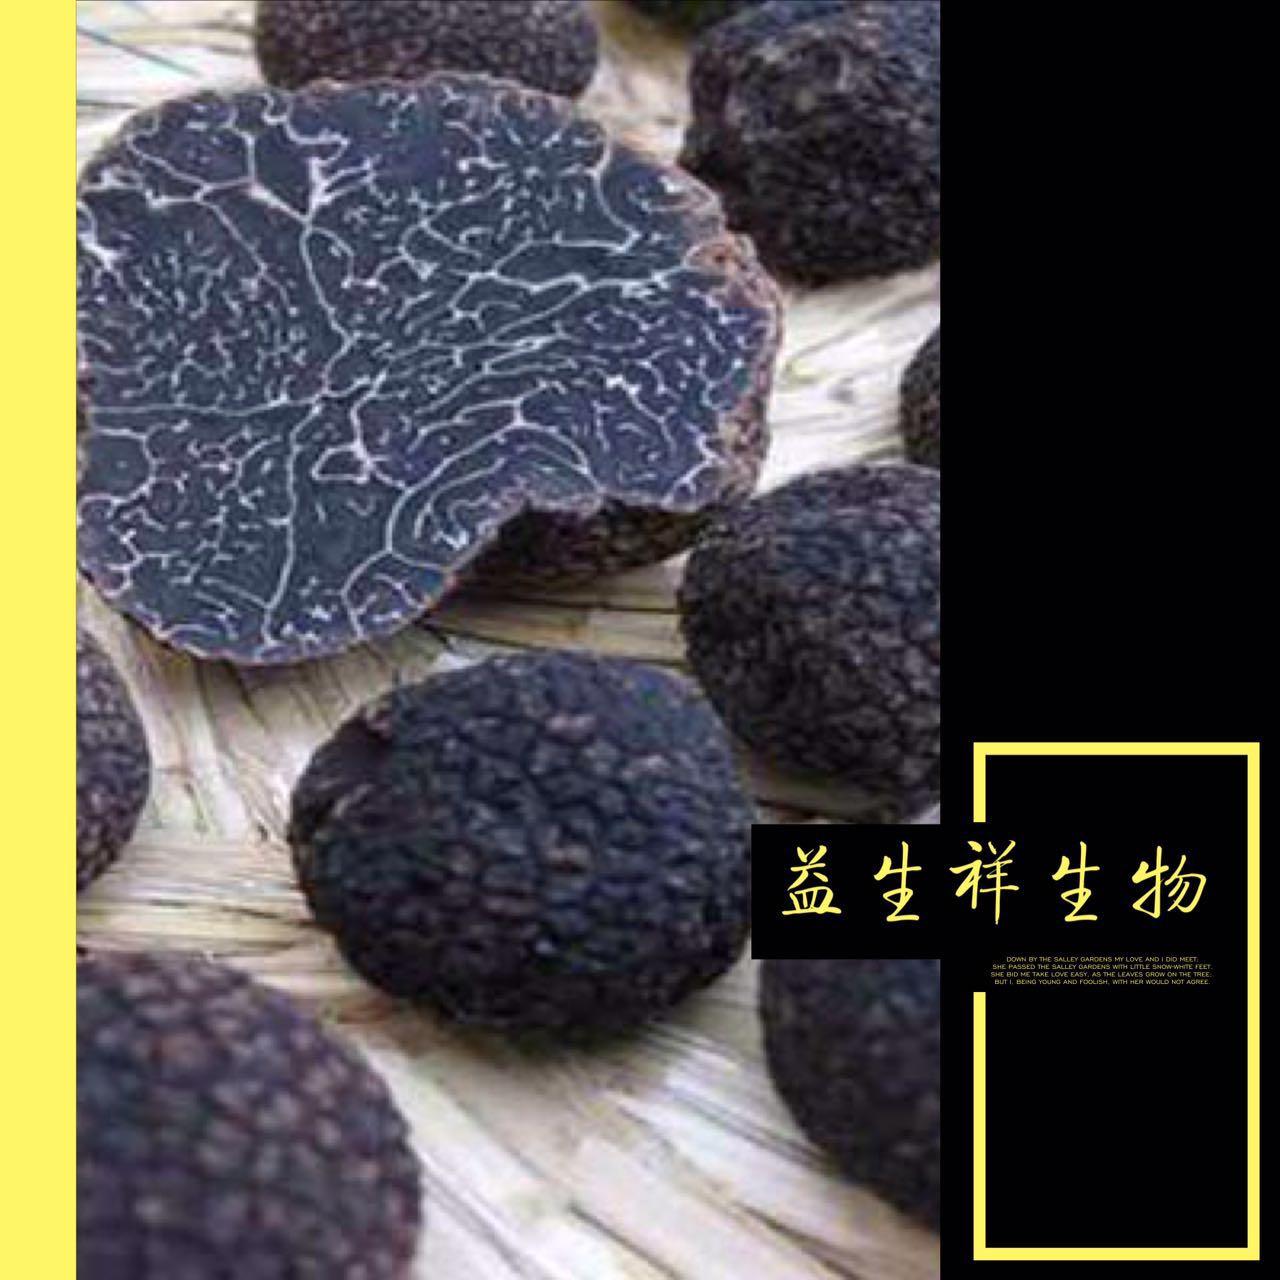 现货供应黑松露提取物 黑松露纯粉 保健食品 质量保证